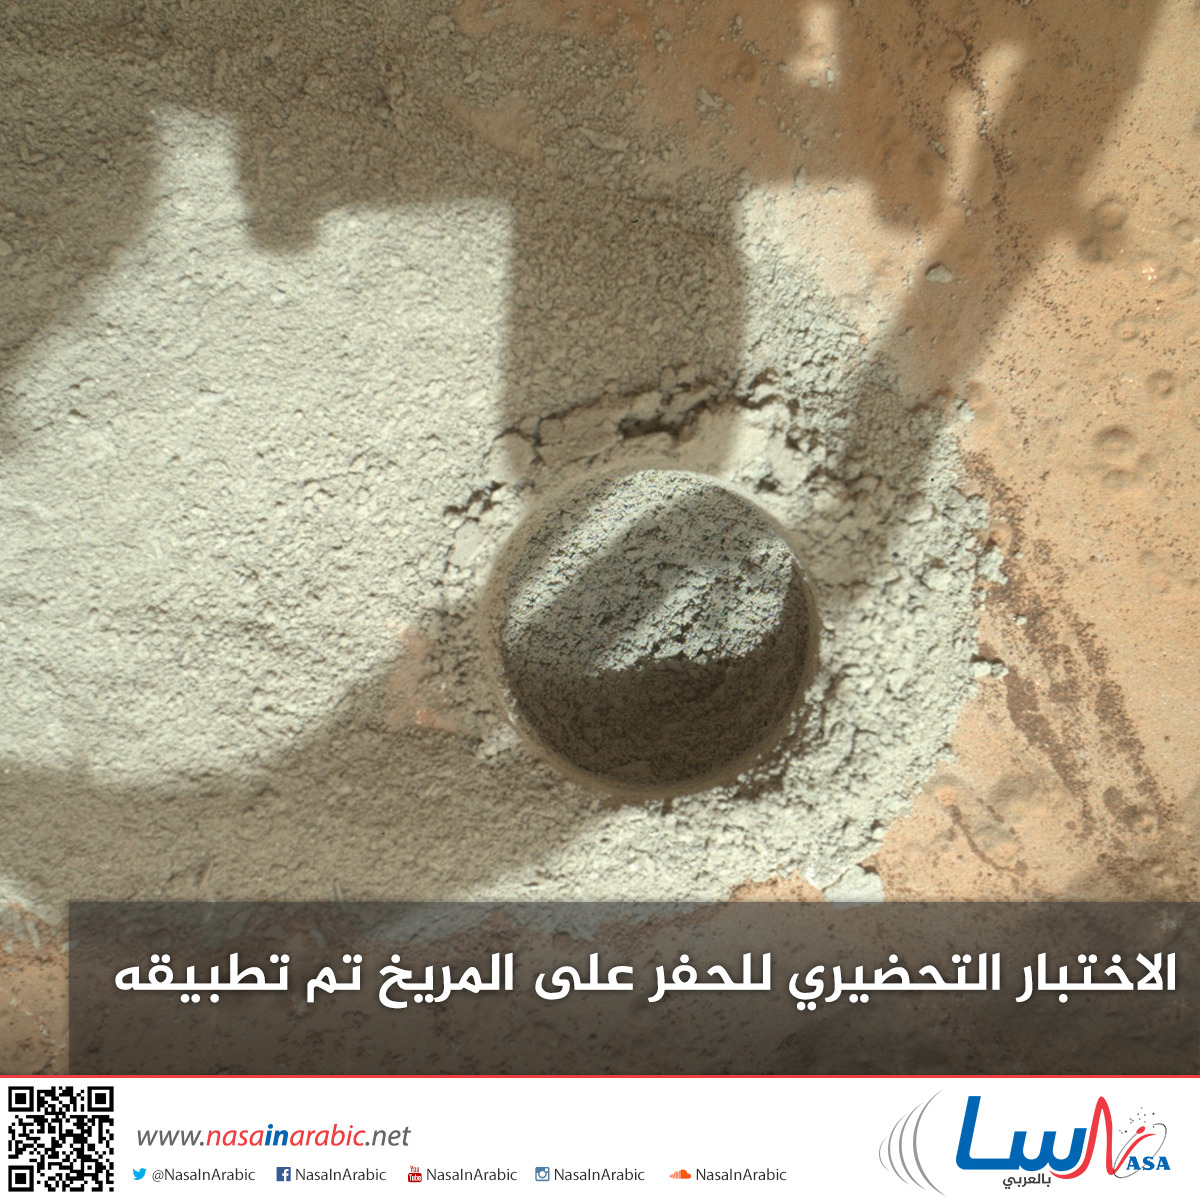 الاختبار التحضيري للحفر على المريخ تم تطبيقه